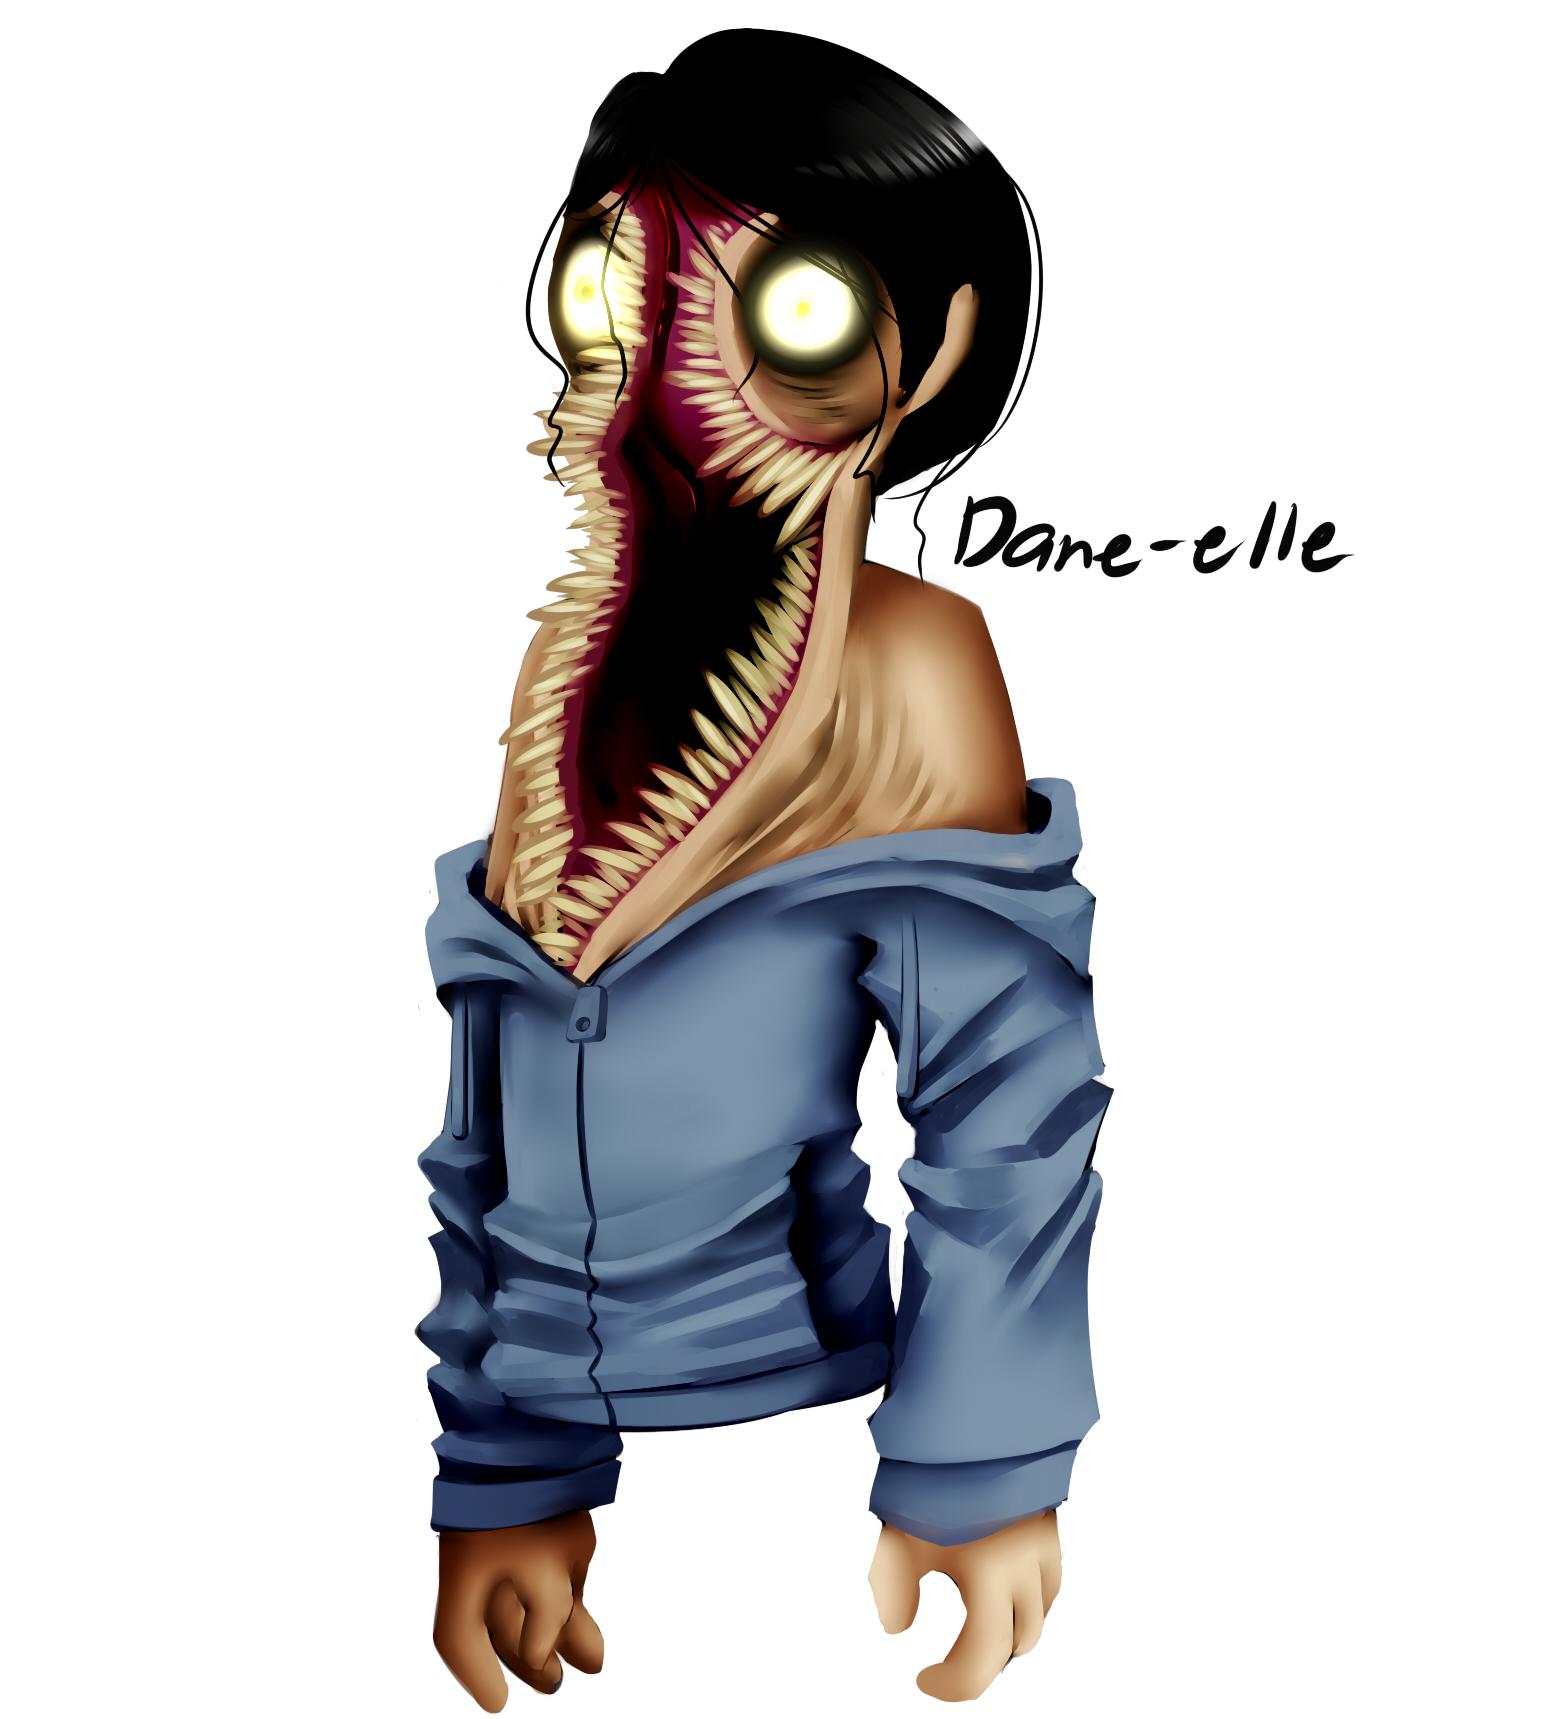 Monster Dane by Dane-elle